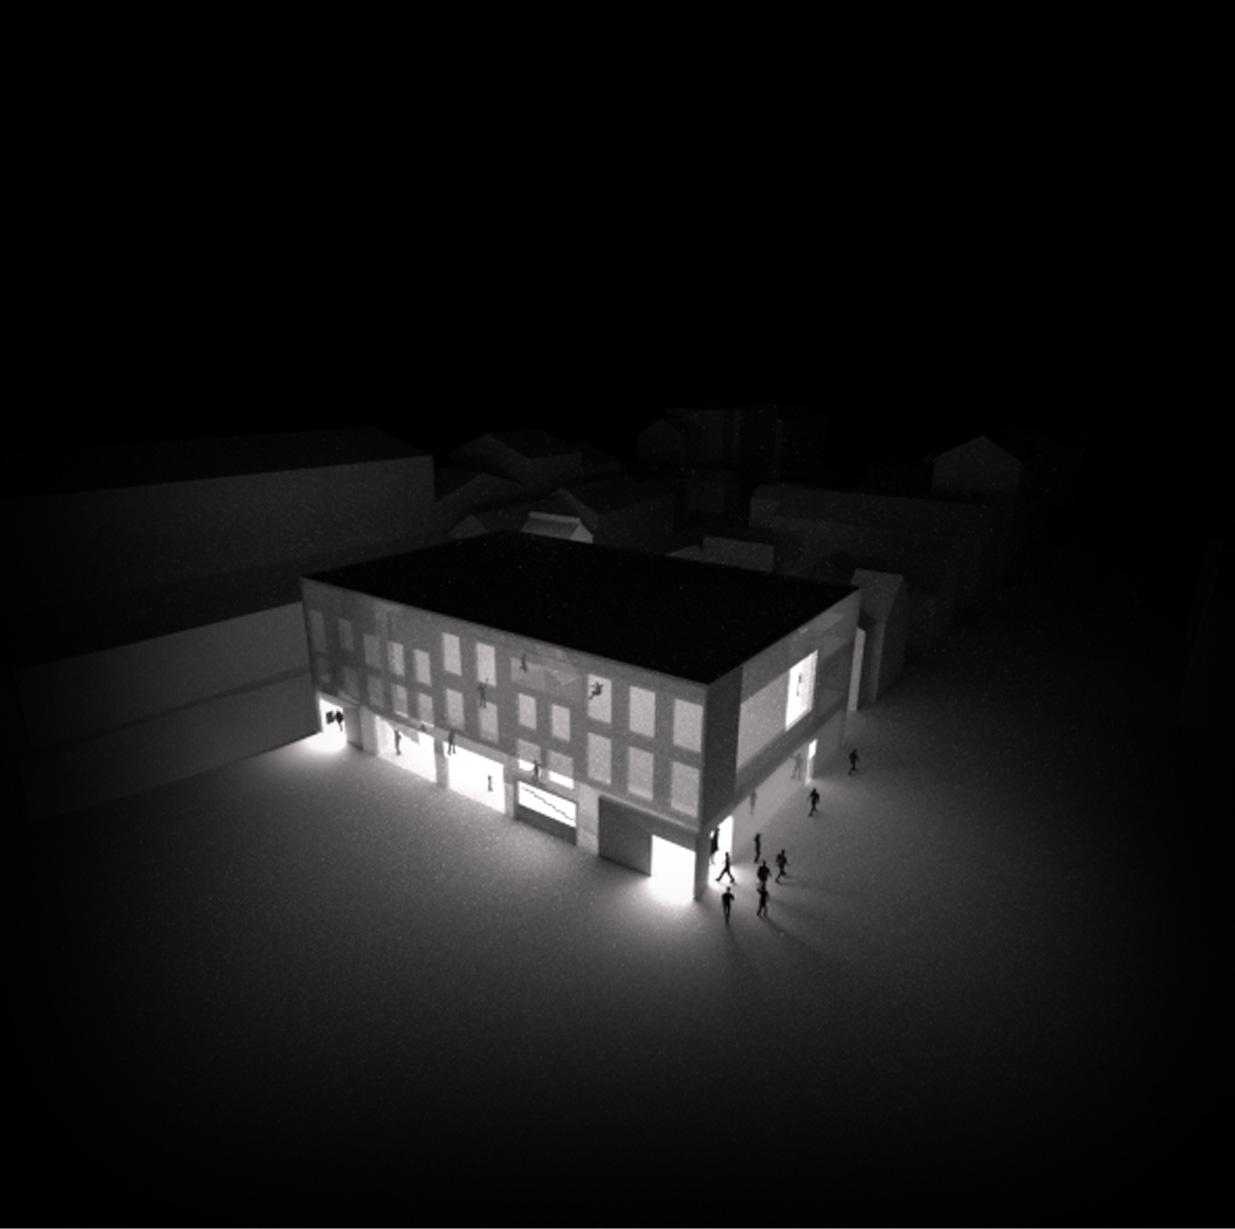 yverdon les bains. concept delle bucature che richiamano il tessuto urbano della via antistante il castello.